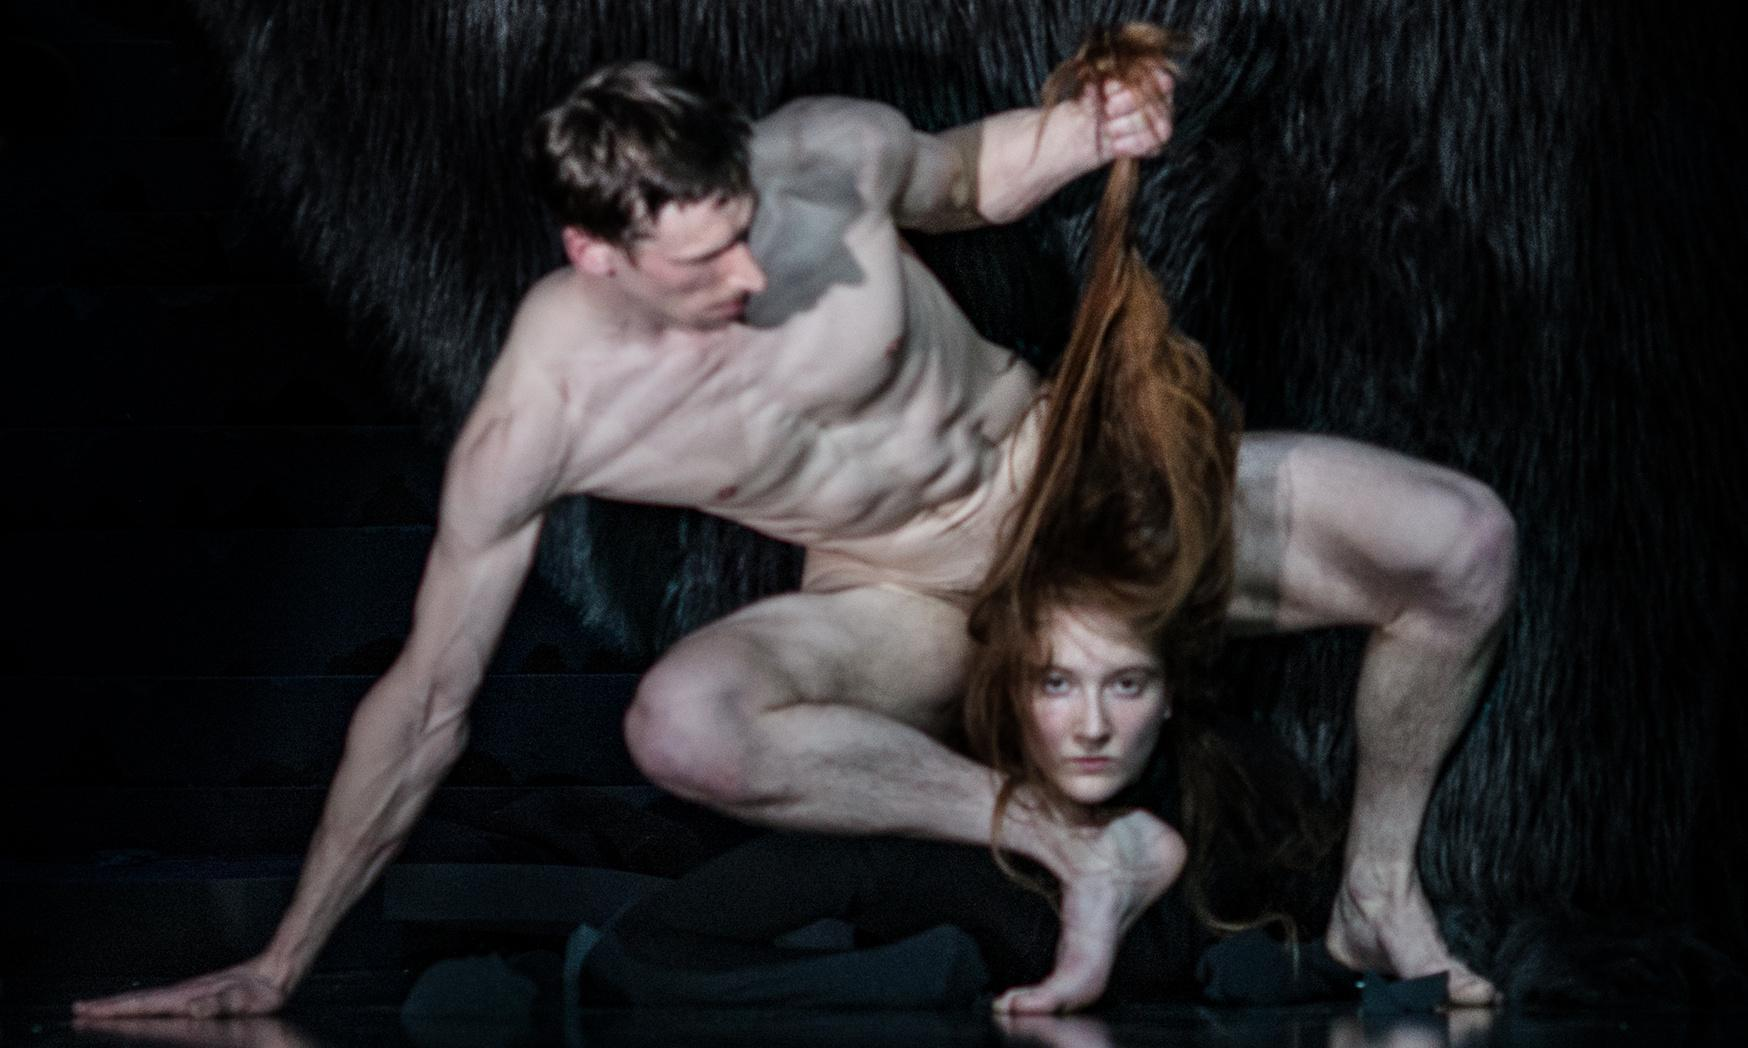 Going beyond Bausch: Tanztheater Wuppertal's new moves